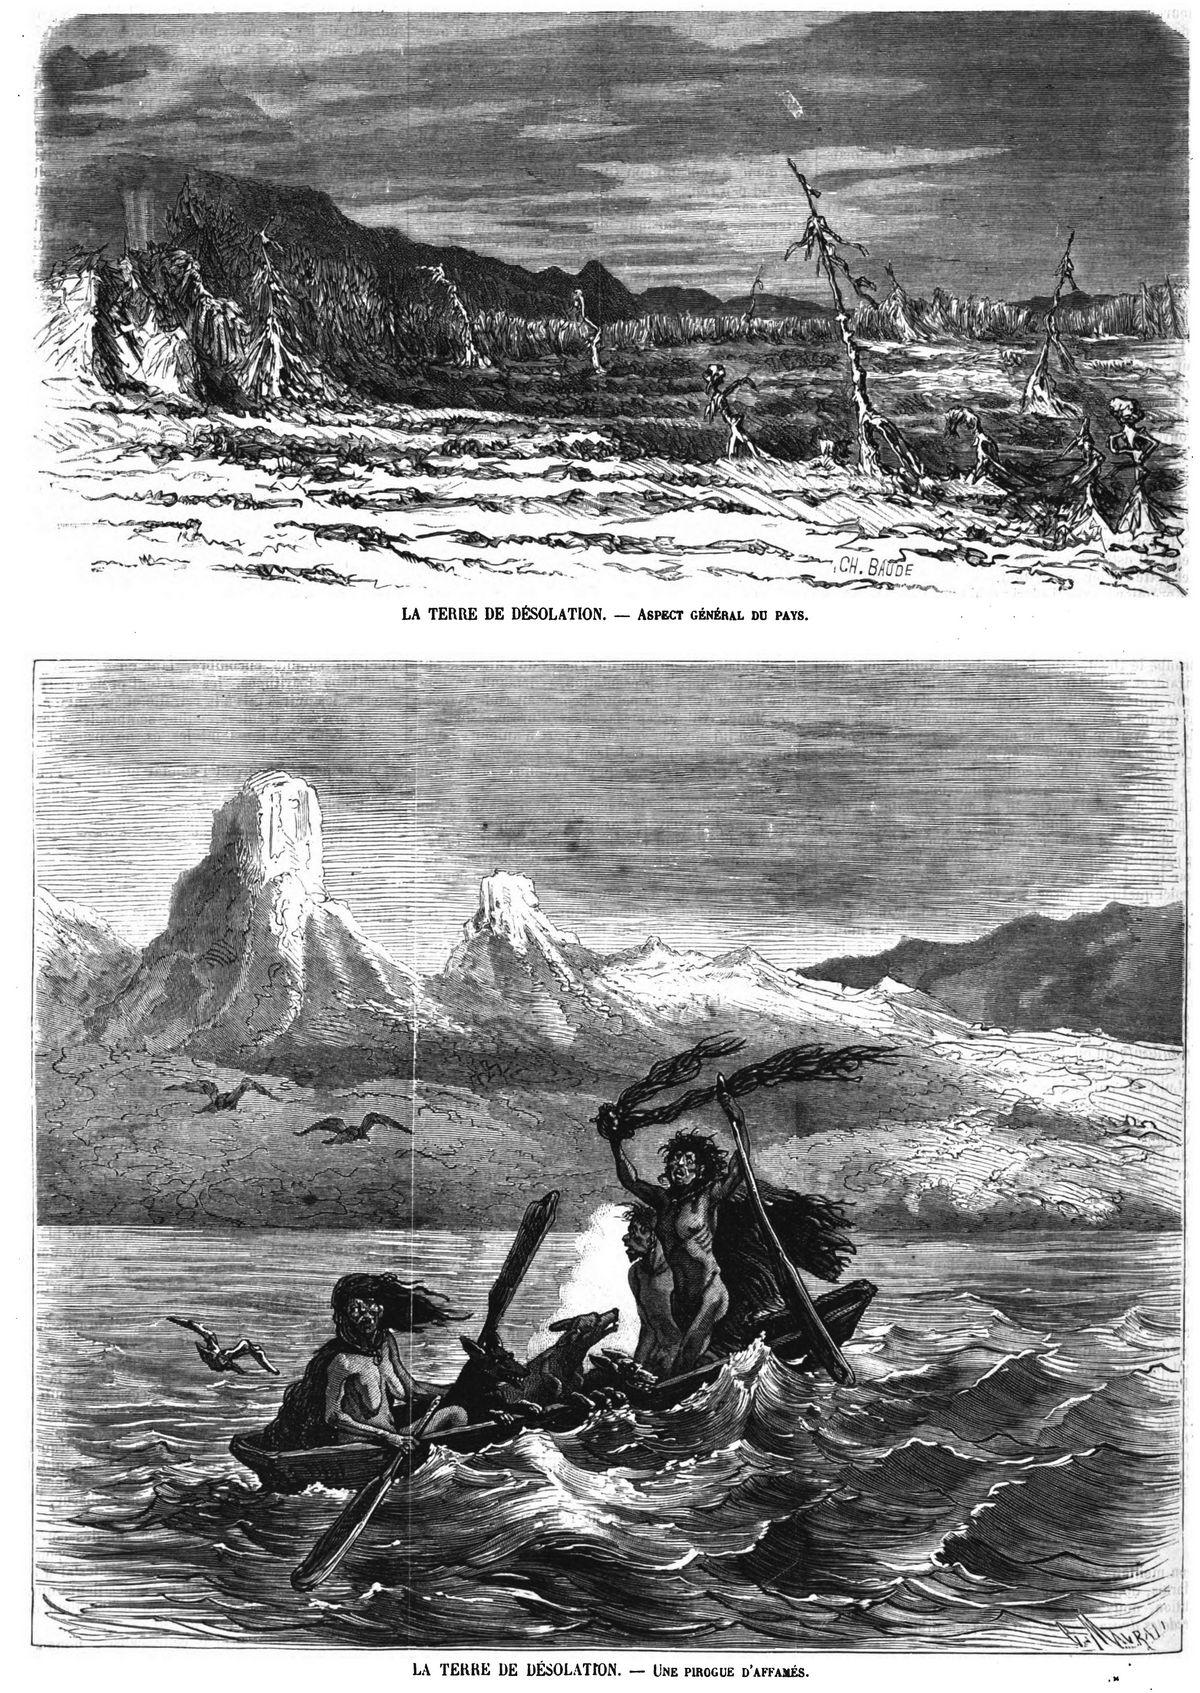 La Terre de désolation (2 gravures).